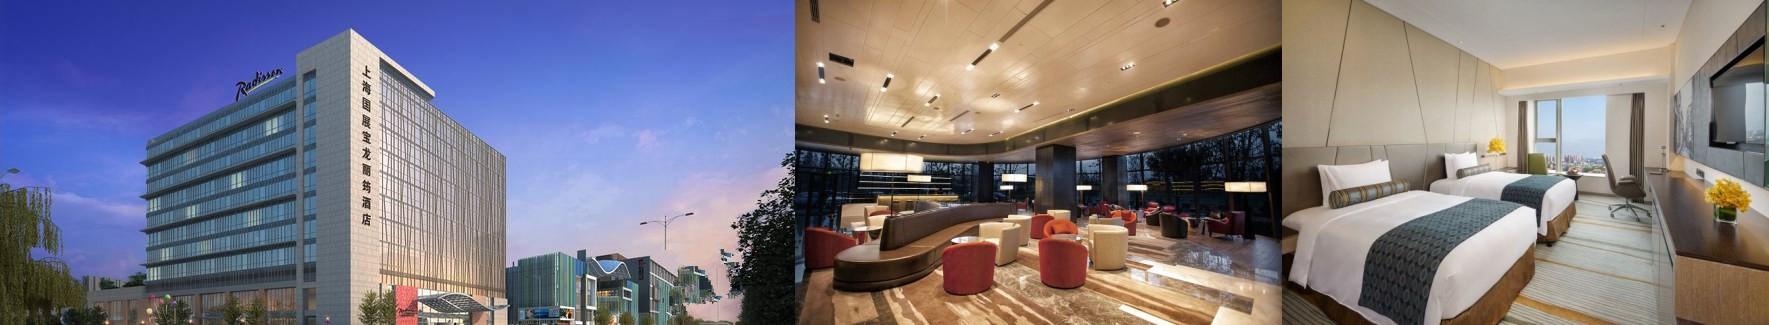 上海国展宝龙丽笙酒店